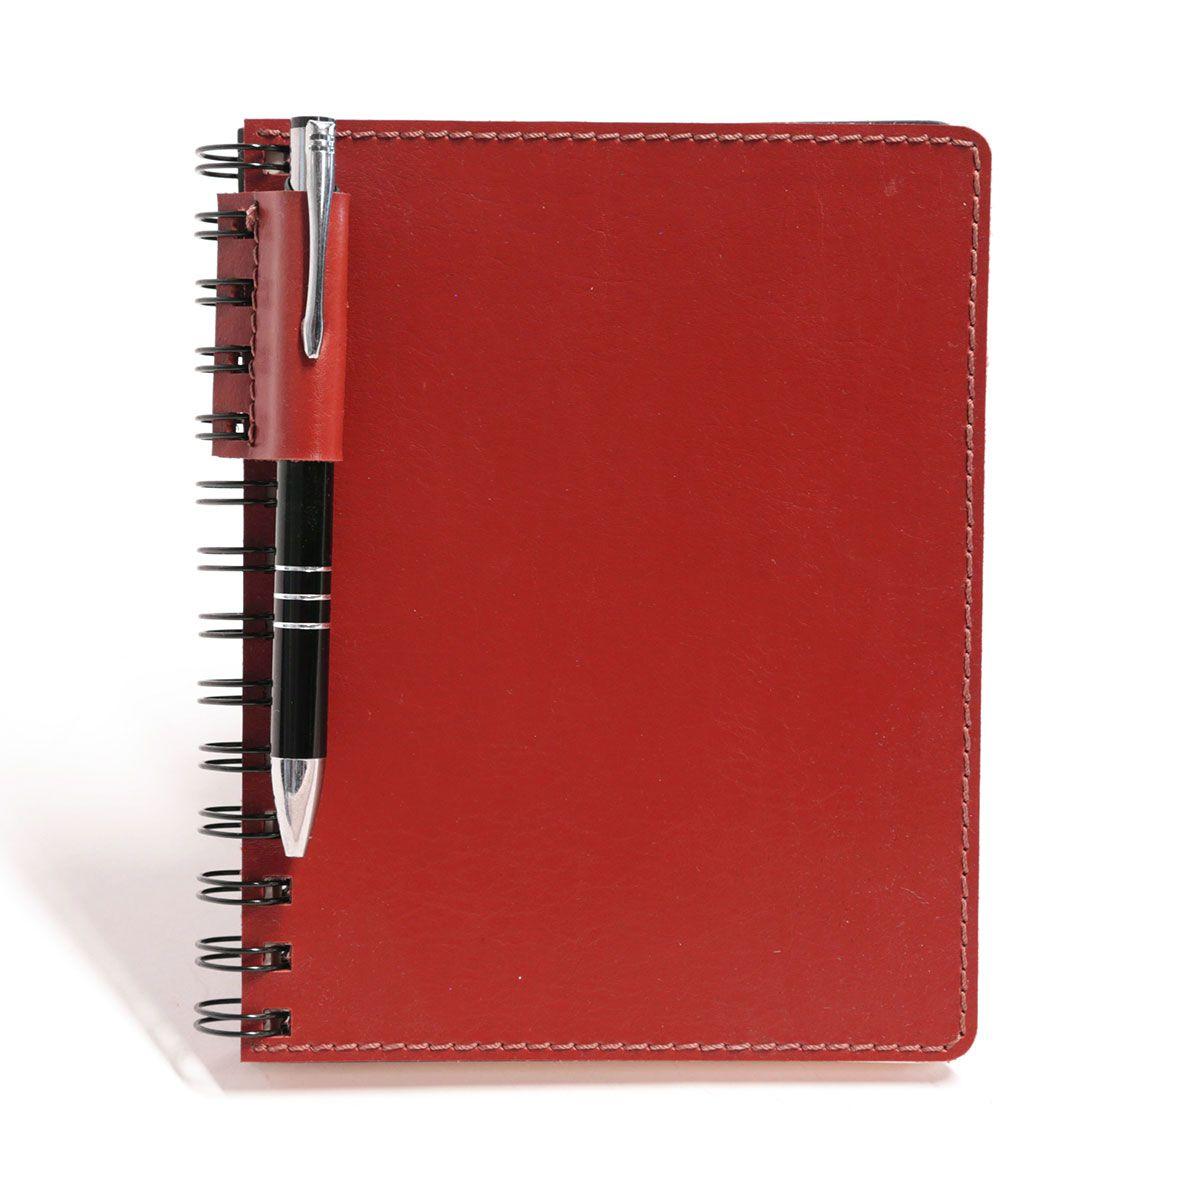 Caderno wire-o com caneta (Montana Vermelho)